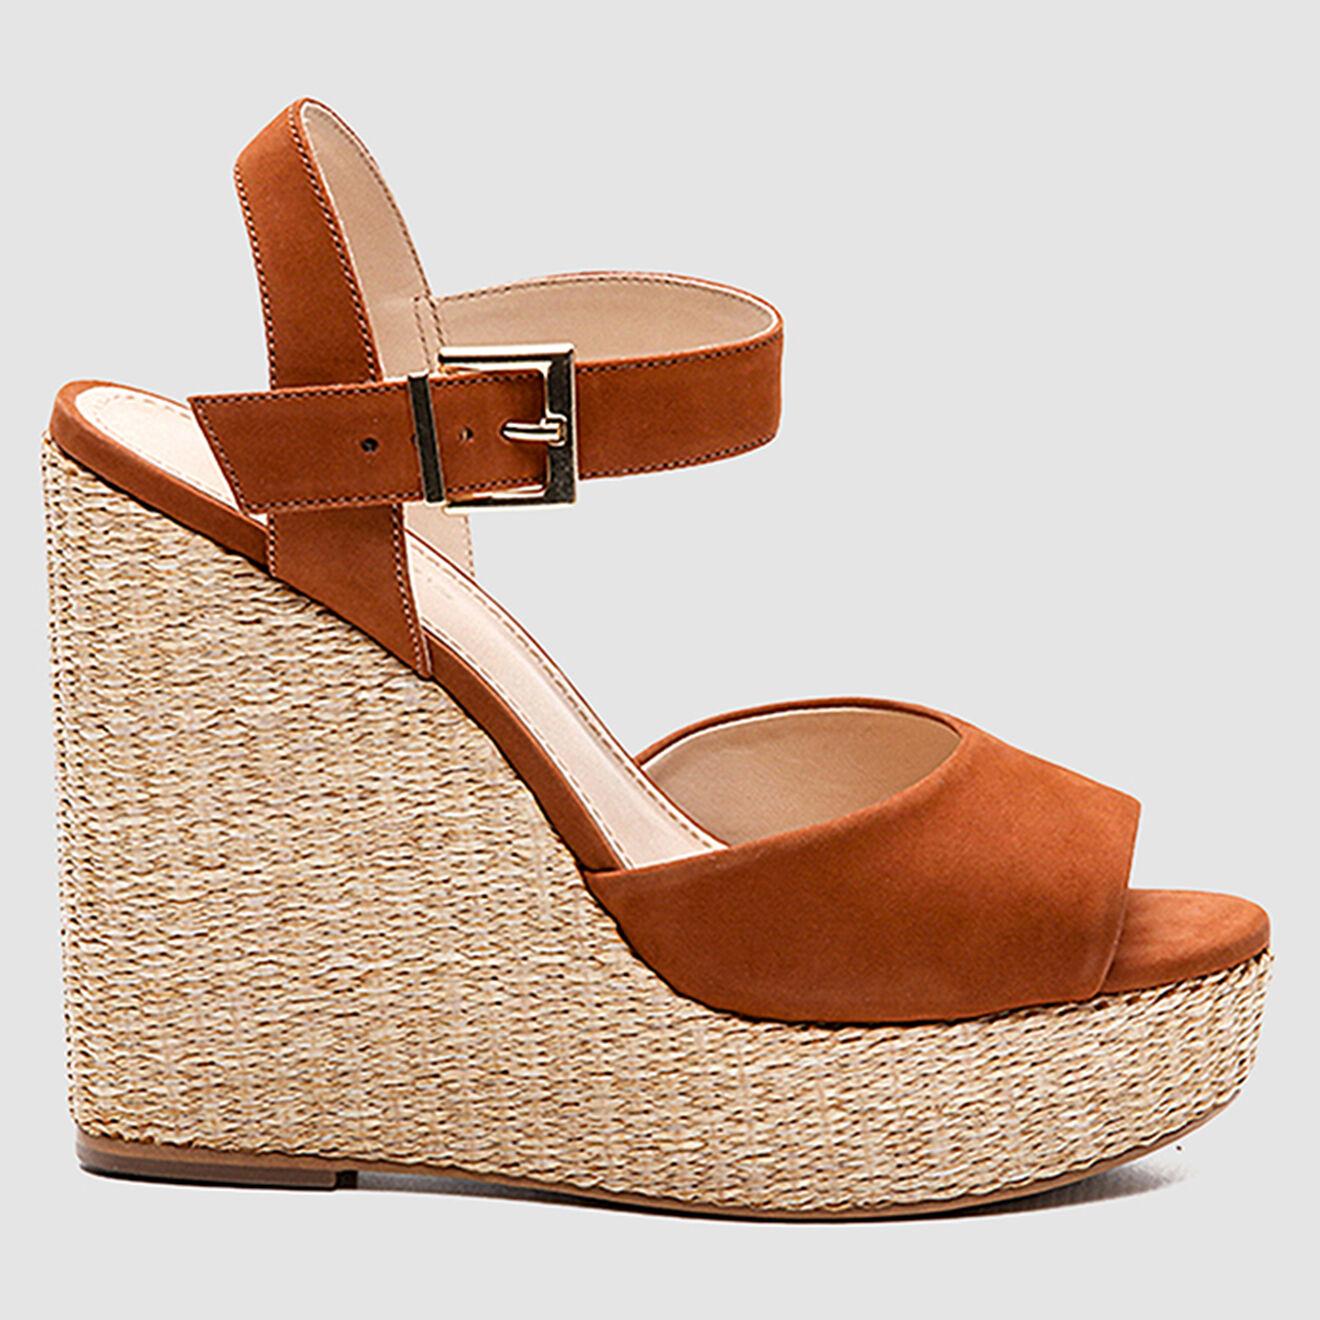 Sandales compensées en Velours de Cuir Jamea - Talon 12 cm - Cosmoparis - Modalova